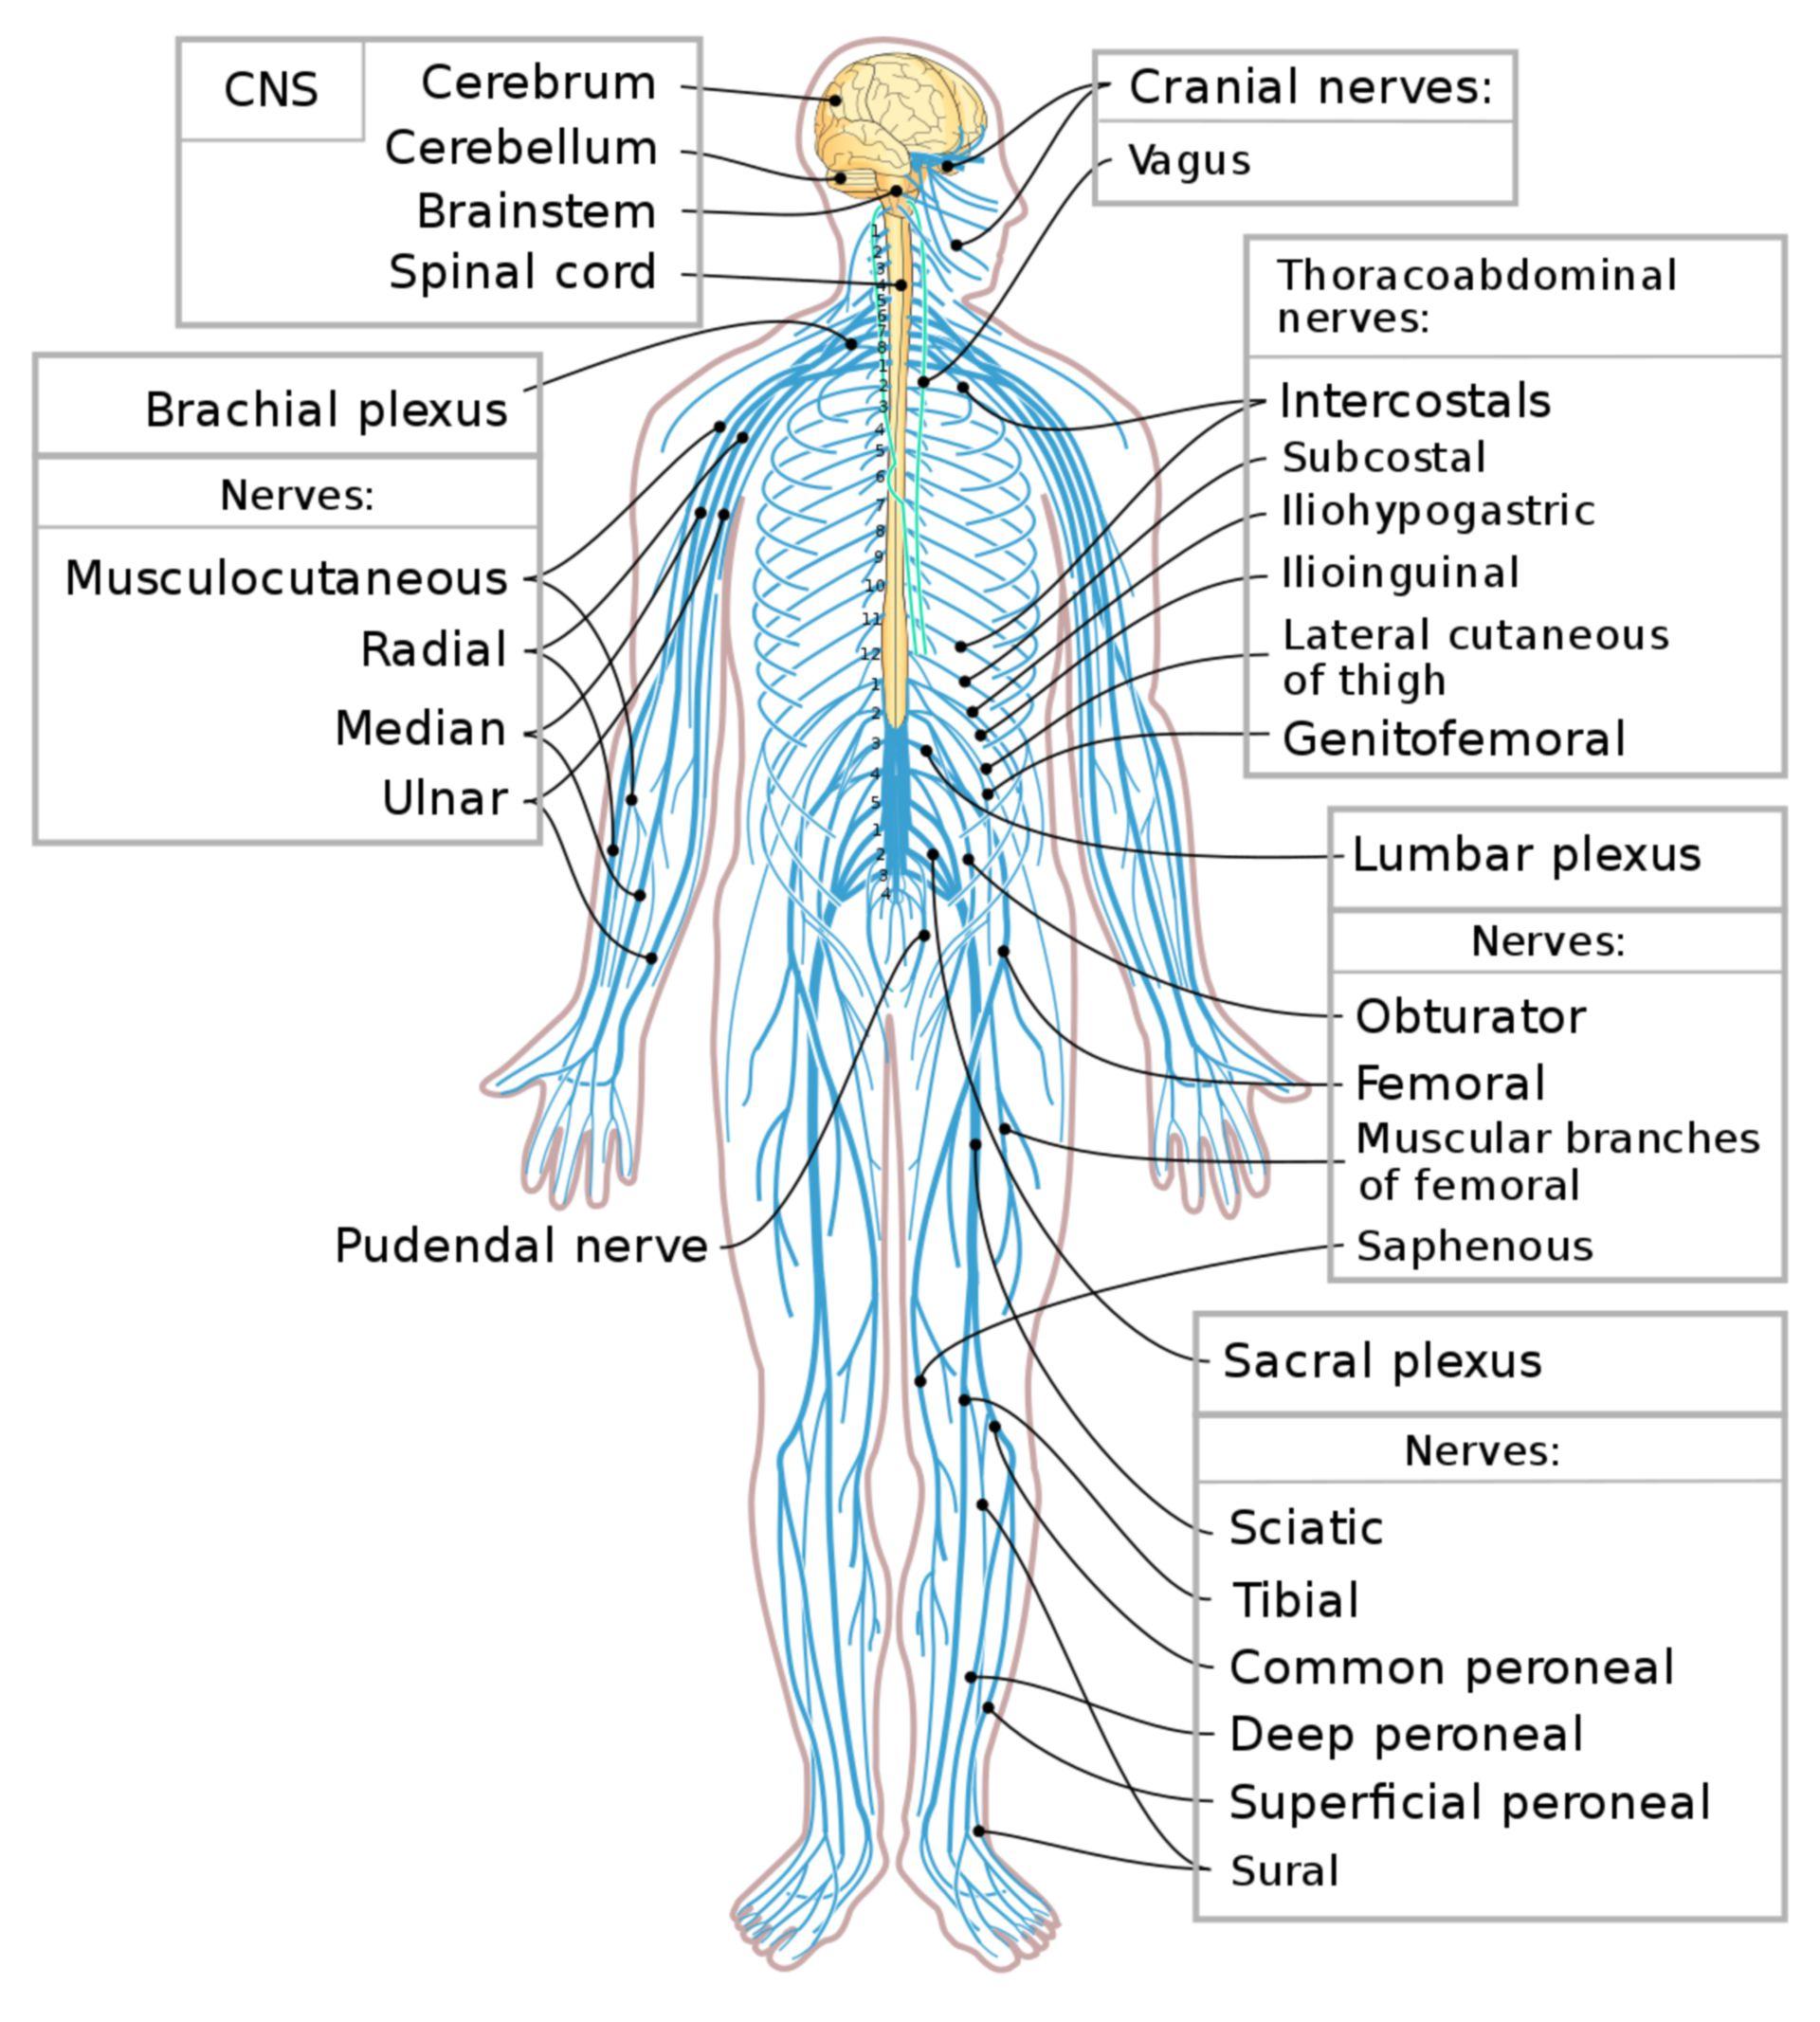 1200px-Nervous_system_diagram-en.svg